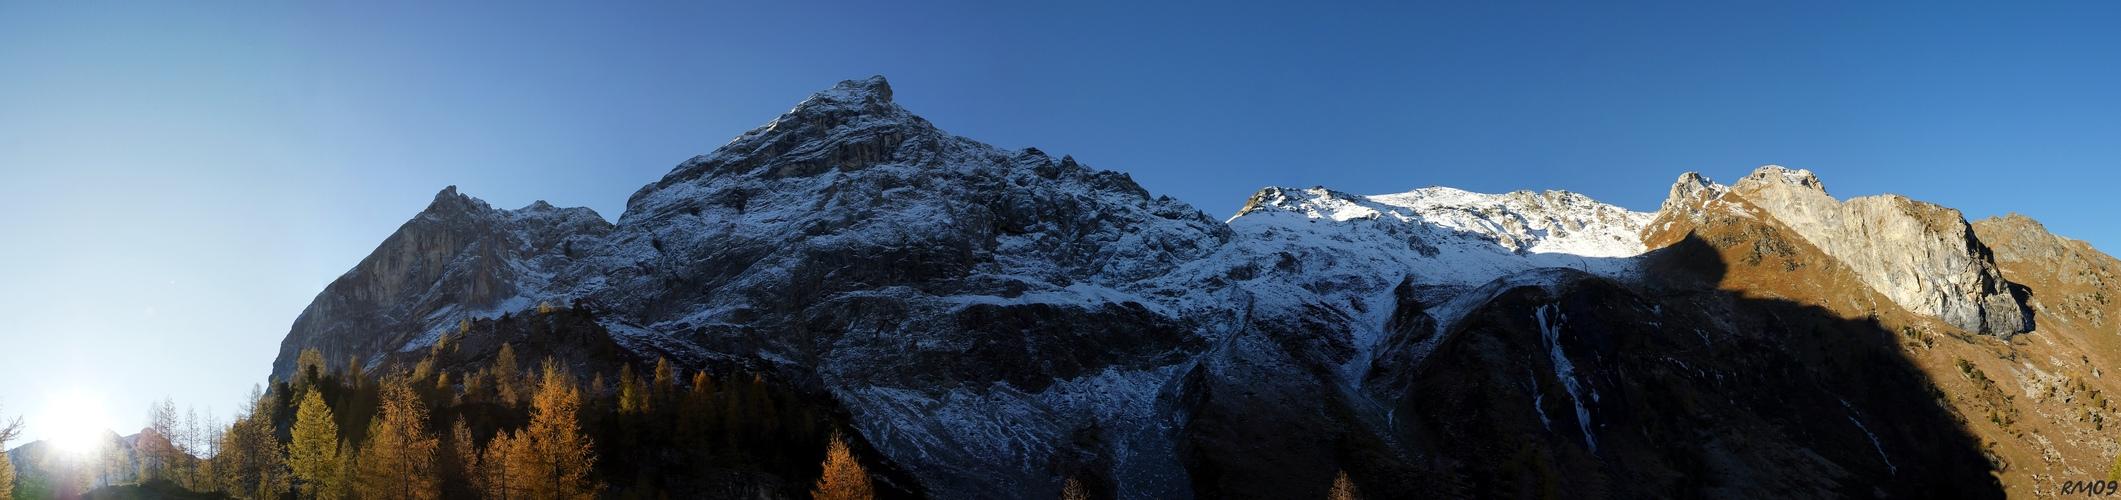 Spätherbstmorgen in den Karnischen Alpen